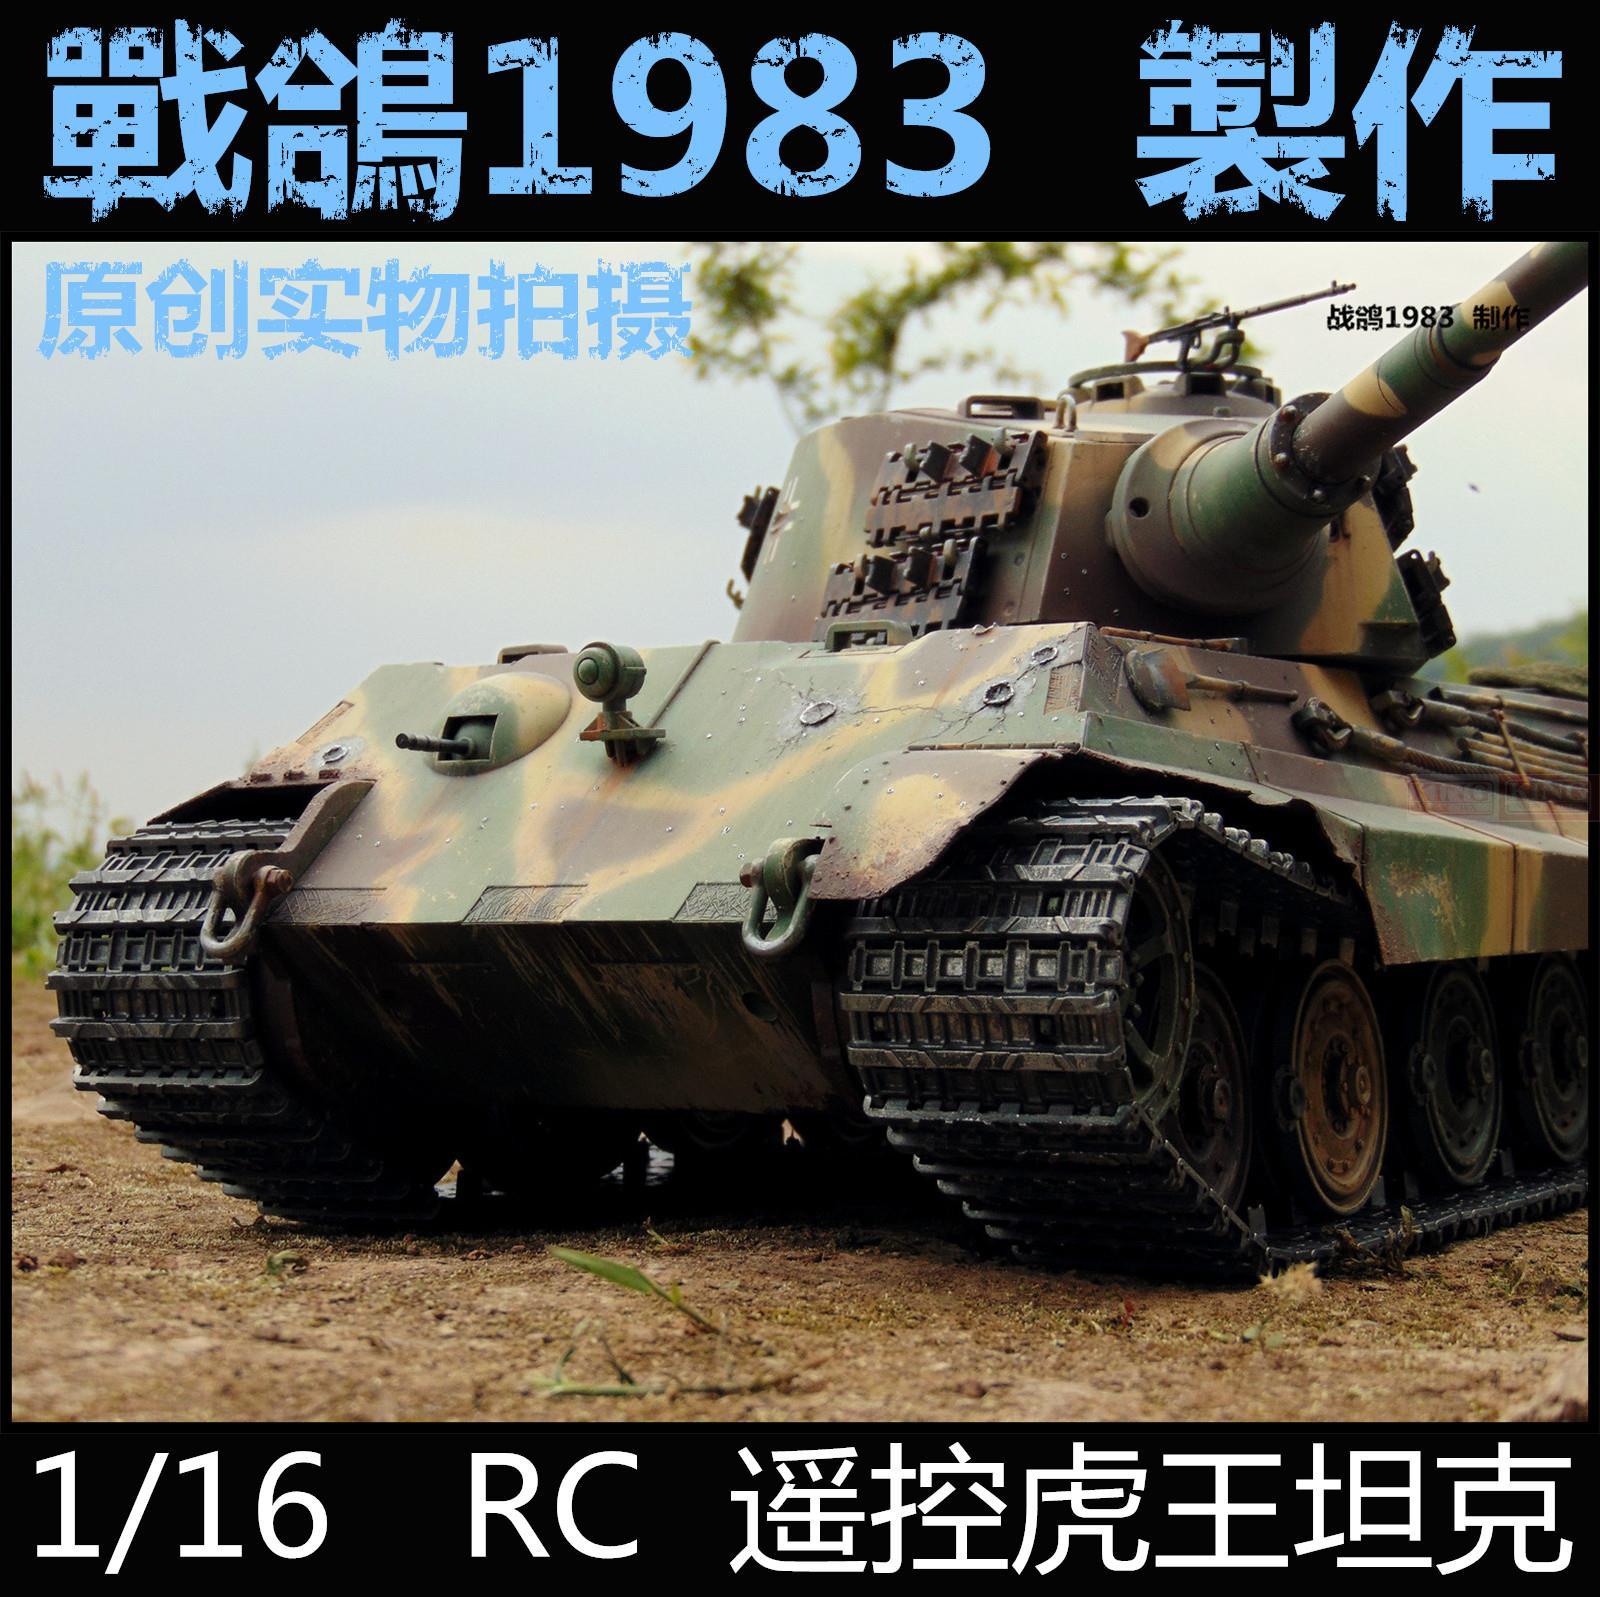 Knl hobby heng longo 1/16 rc king tiger tanque, modelo, controle remoto, oem, revestimento pesado de pintura para fazer o atualização antiga,